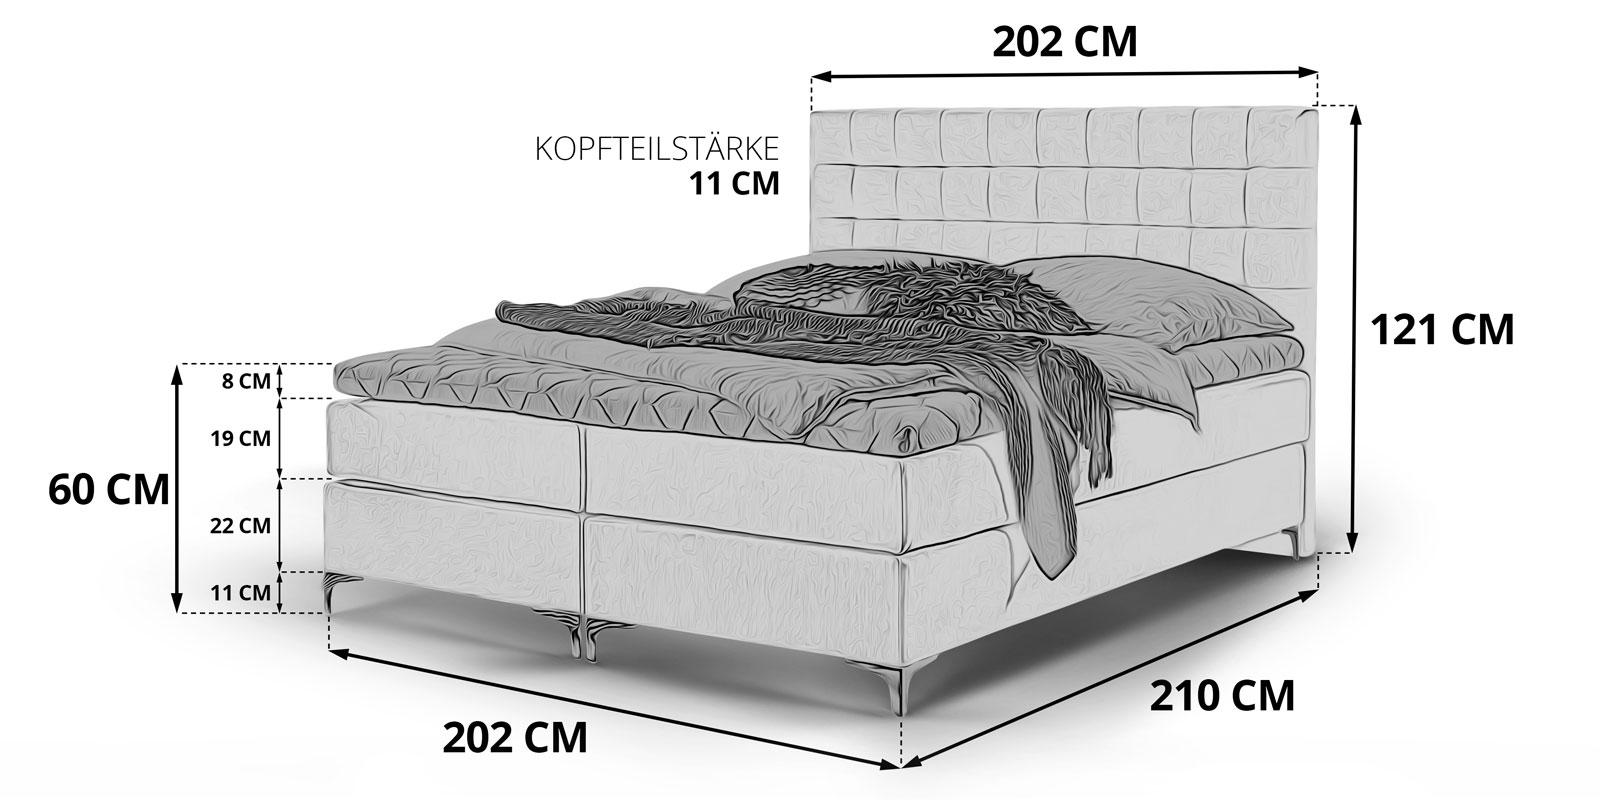 Full Size of Chesterfield Bett Samt 200x200 Boxspringbett Grau Chromfuesse Pisa Skizze Schlafzimmer Betten Sofa Mit Bettfunktion Möbel Boss Stauraum 140x200 Wasser De 2m X Wohnzimmer Samt Bett 200x200